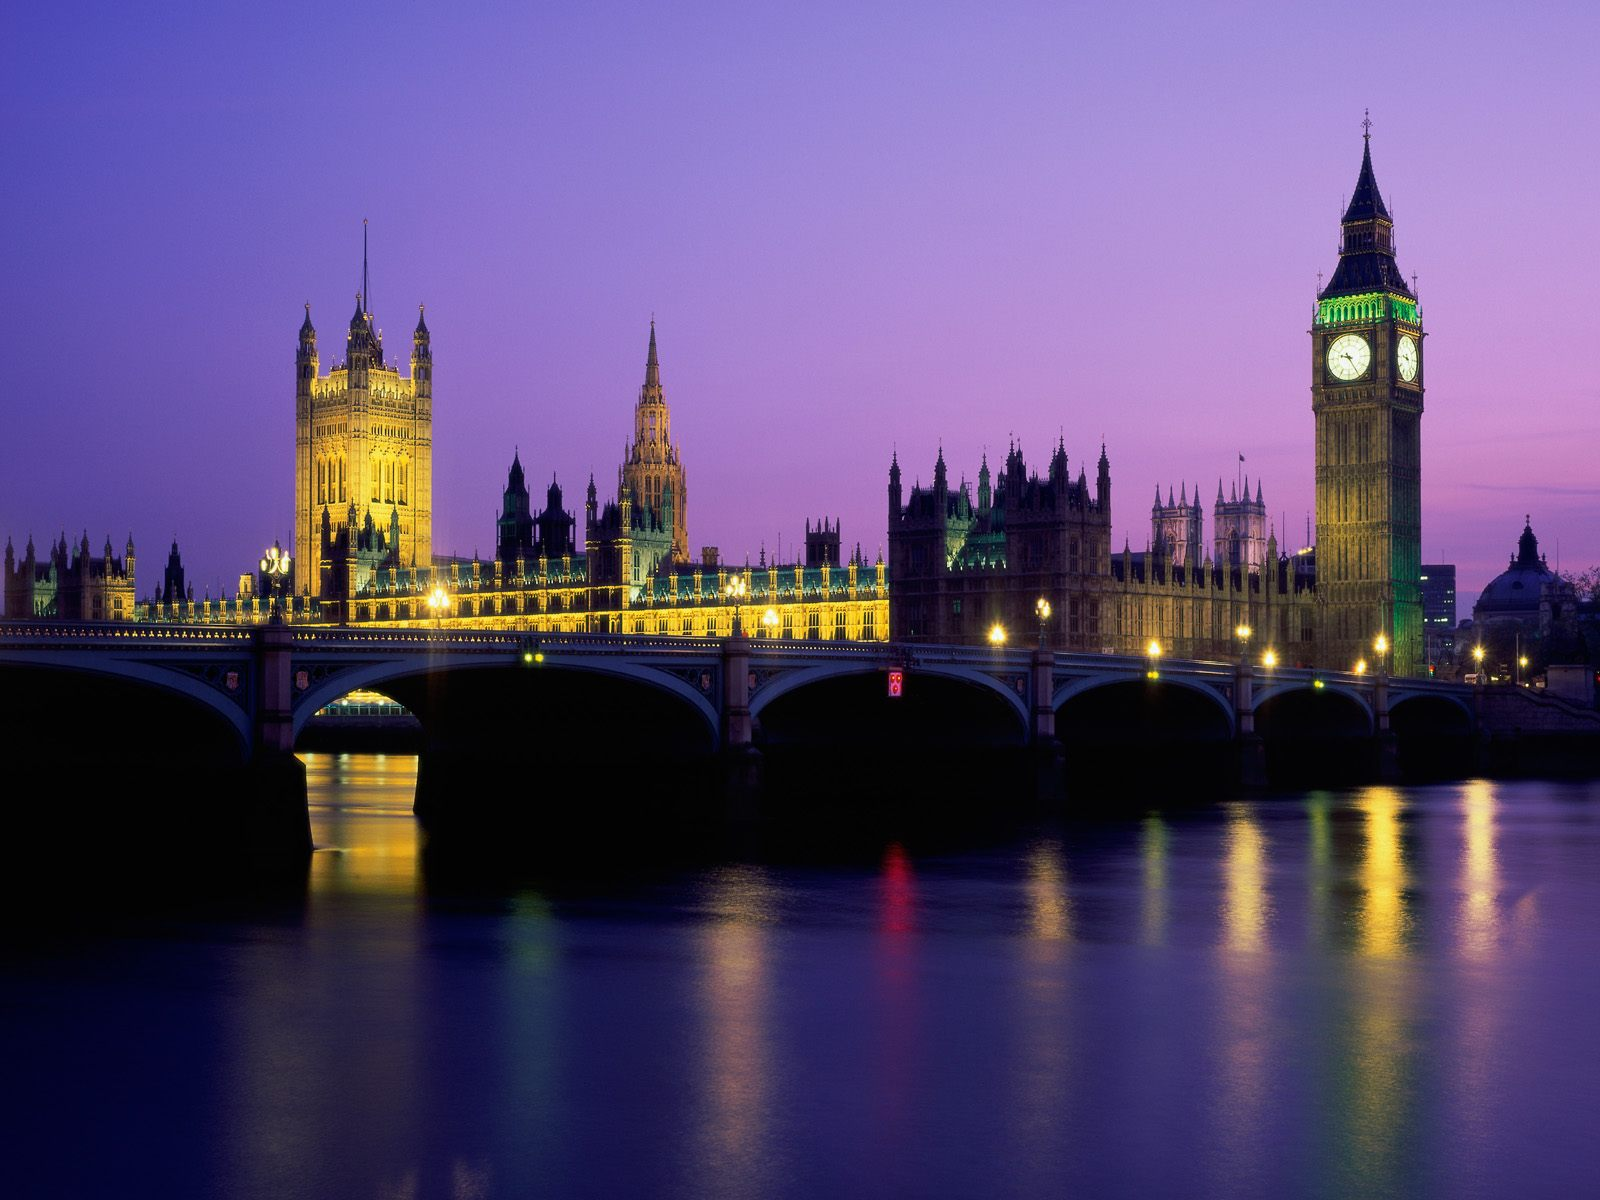 http://4.bp.blogspot.com/-KUq6ZY-J7HE/T6Kdd0y955I/AAAAAAAAA38/MjeDHoHmttY/s1600/z4-Big_Ben_Houses_of_Parliament_London_England_sfondo-desktop-hd-wallpaper-sfondodesktop.altervista.org_.jpg